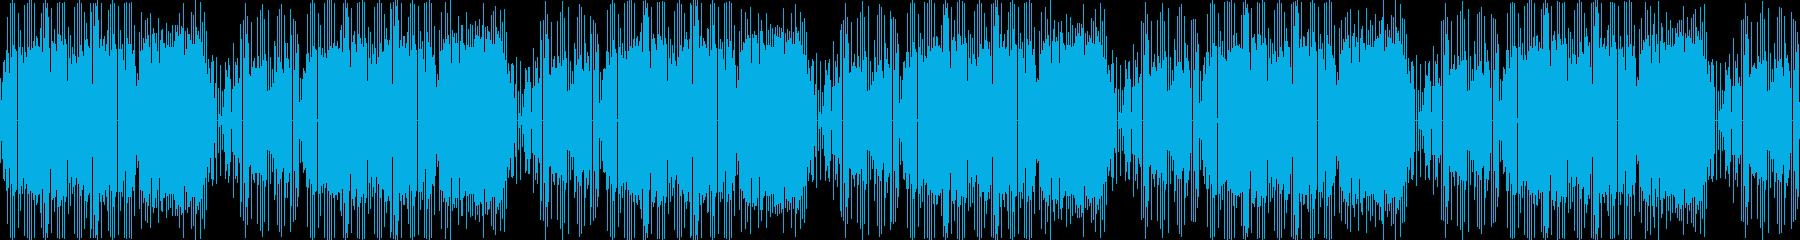 レトロゲームのOPのような8bitジャズの再生済みの波形